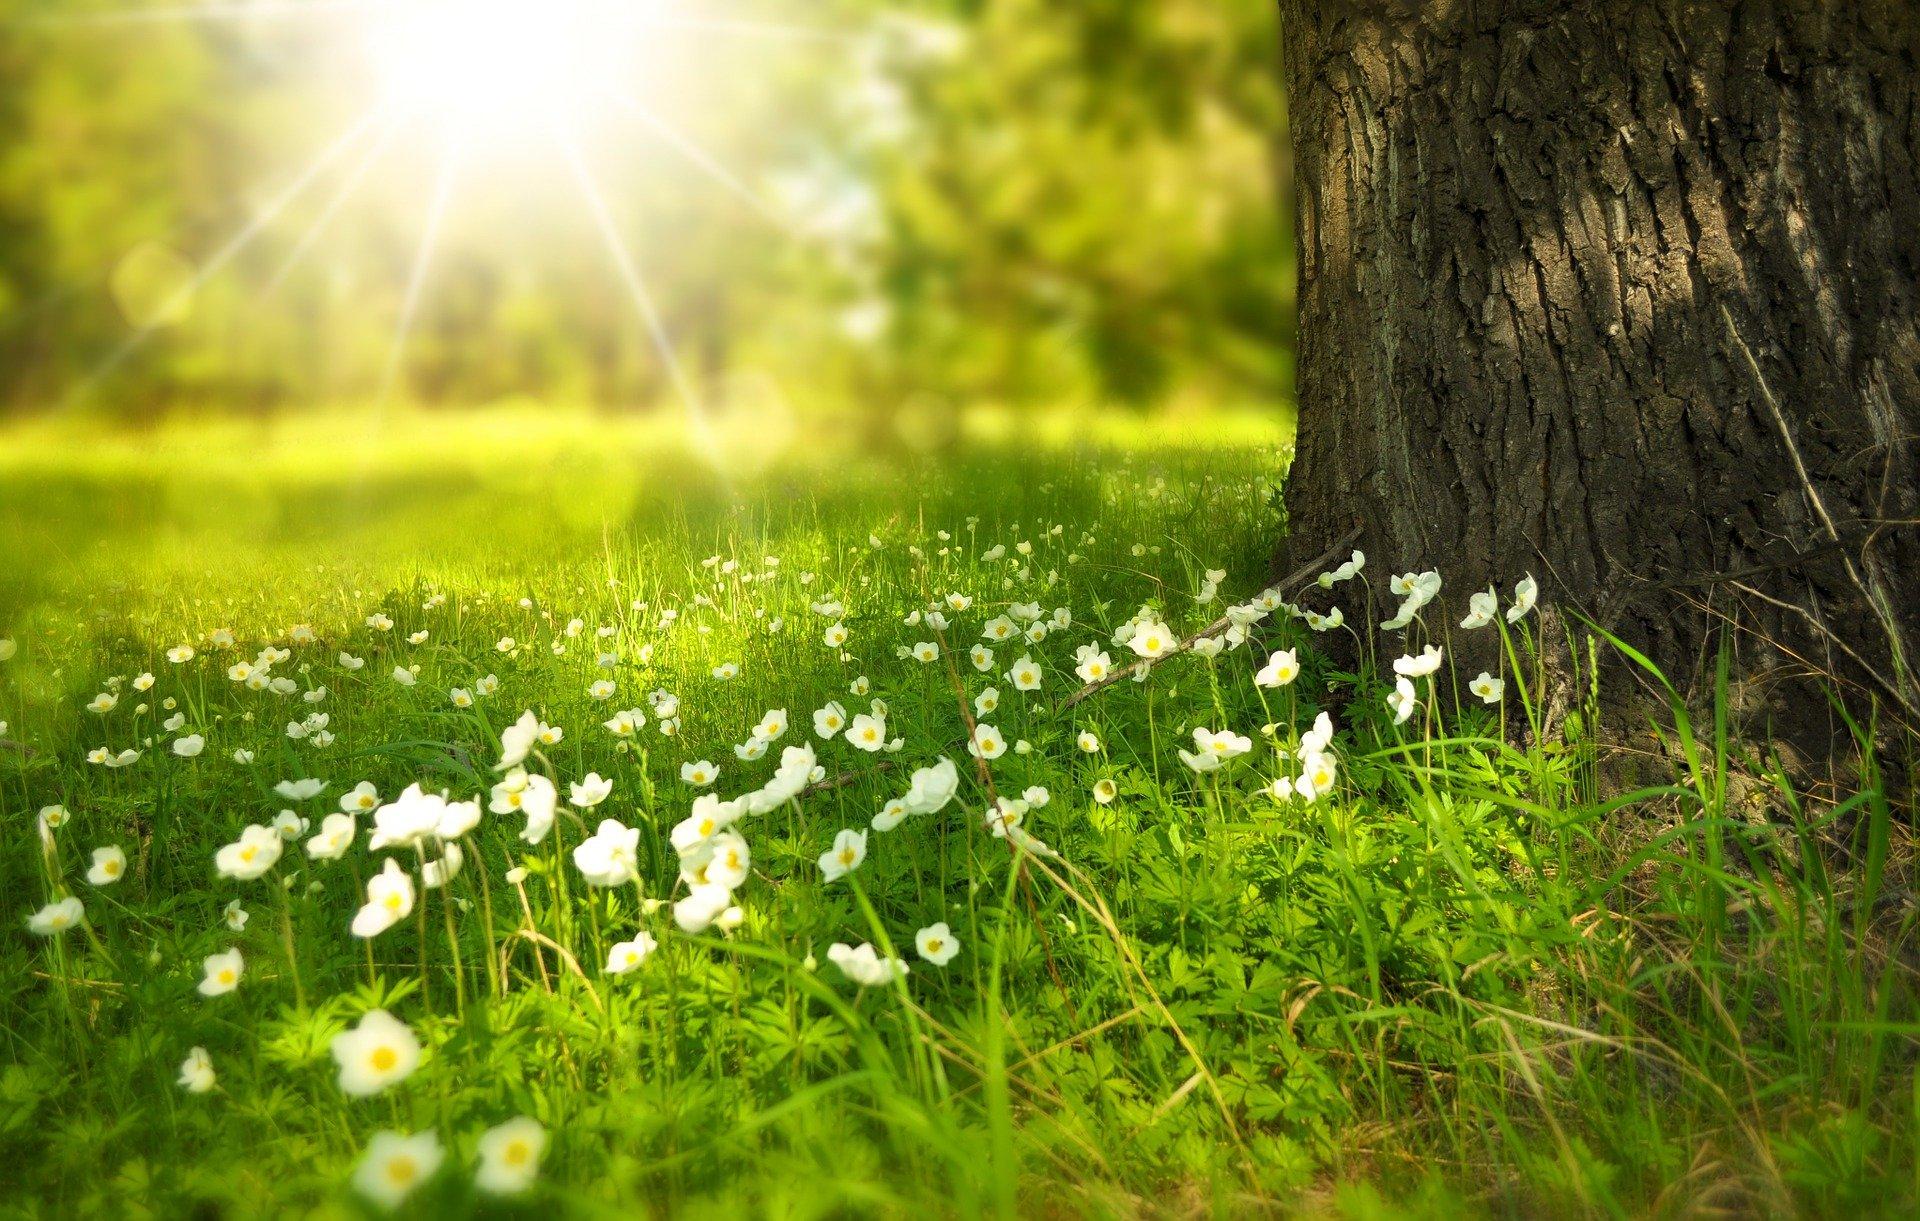 blomster_graes